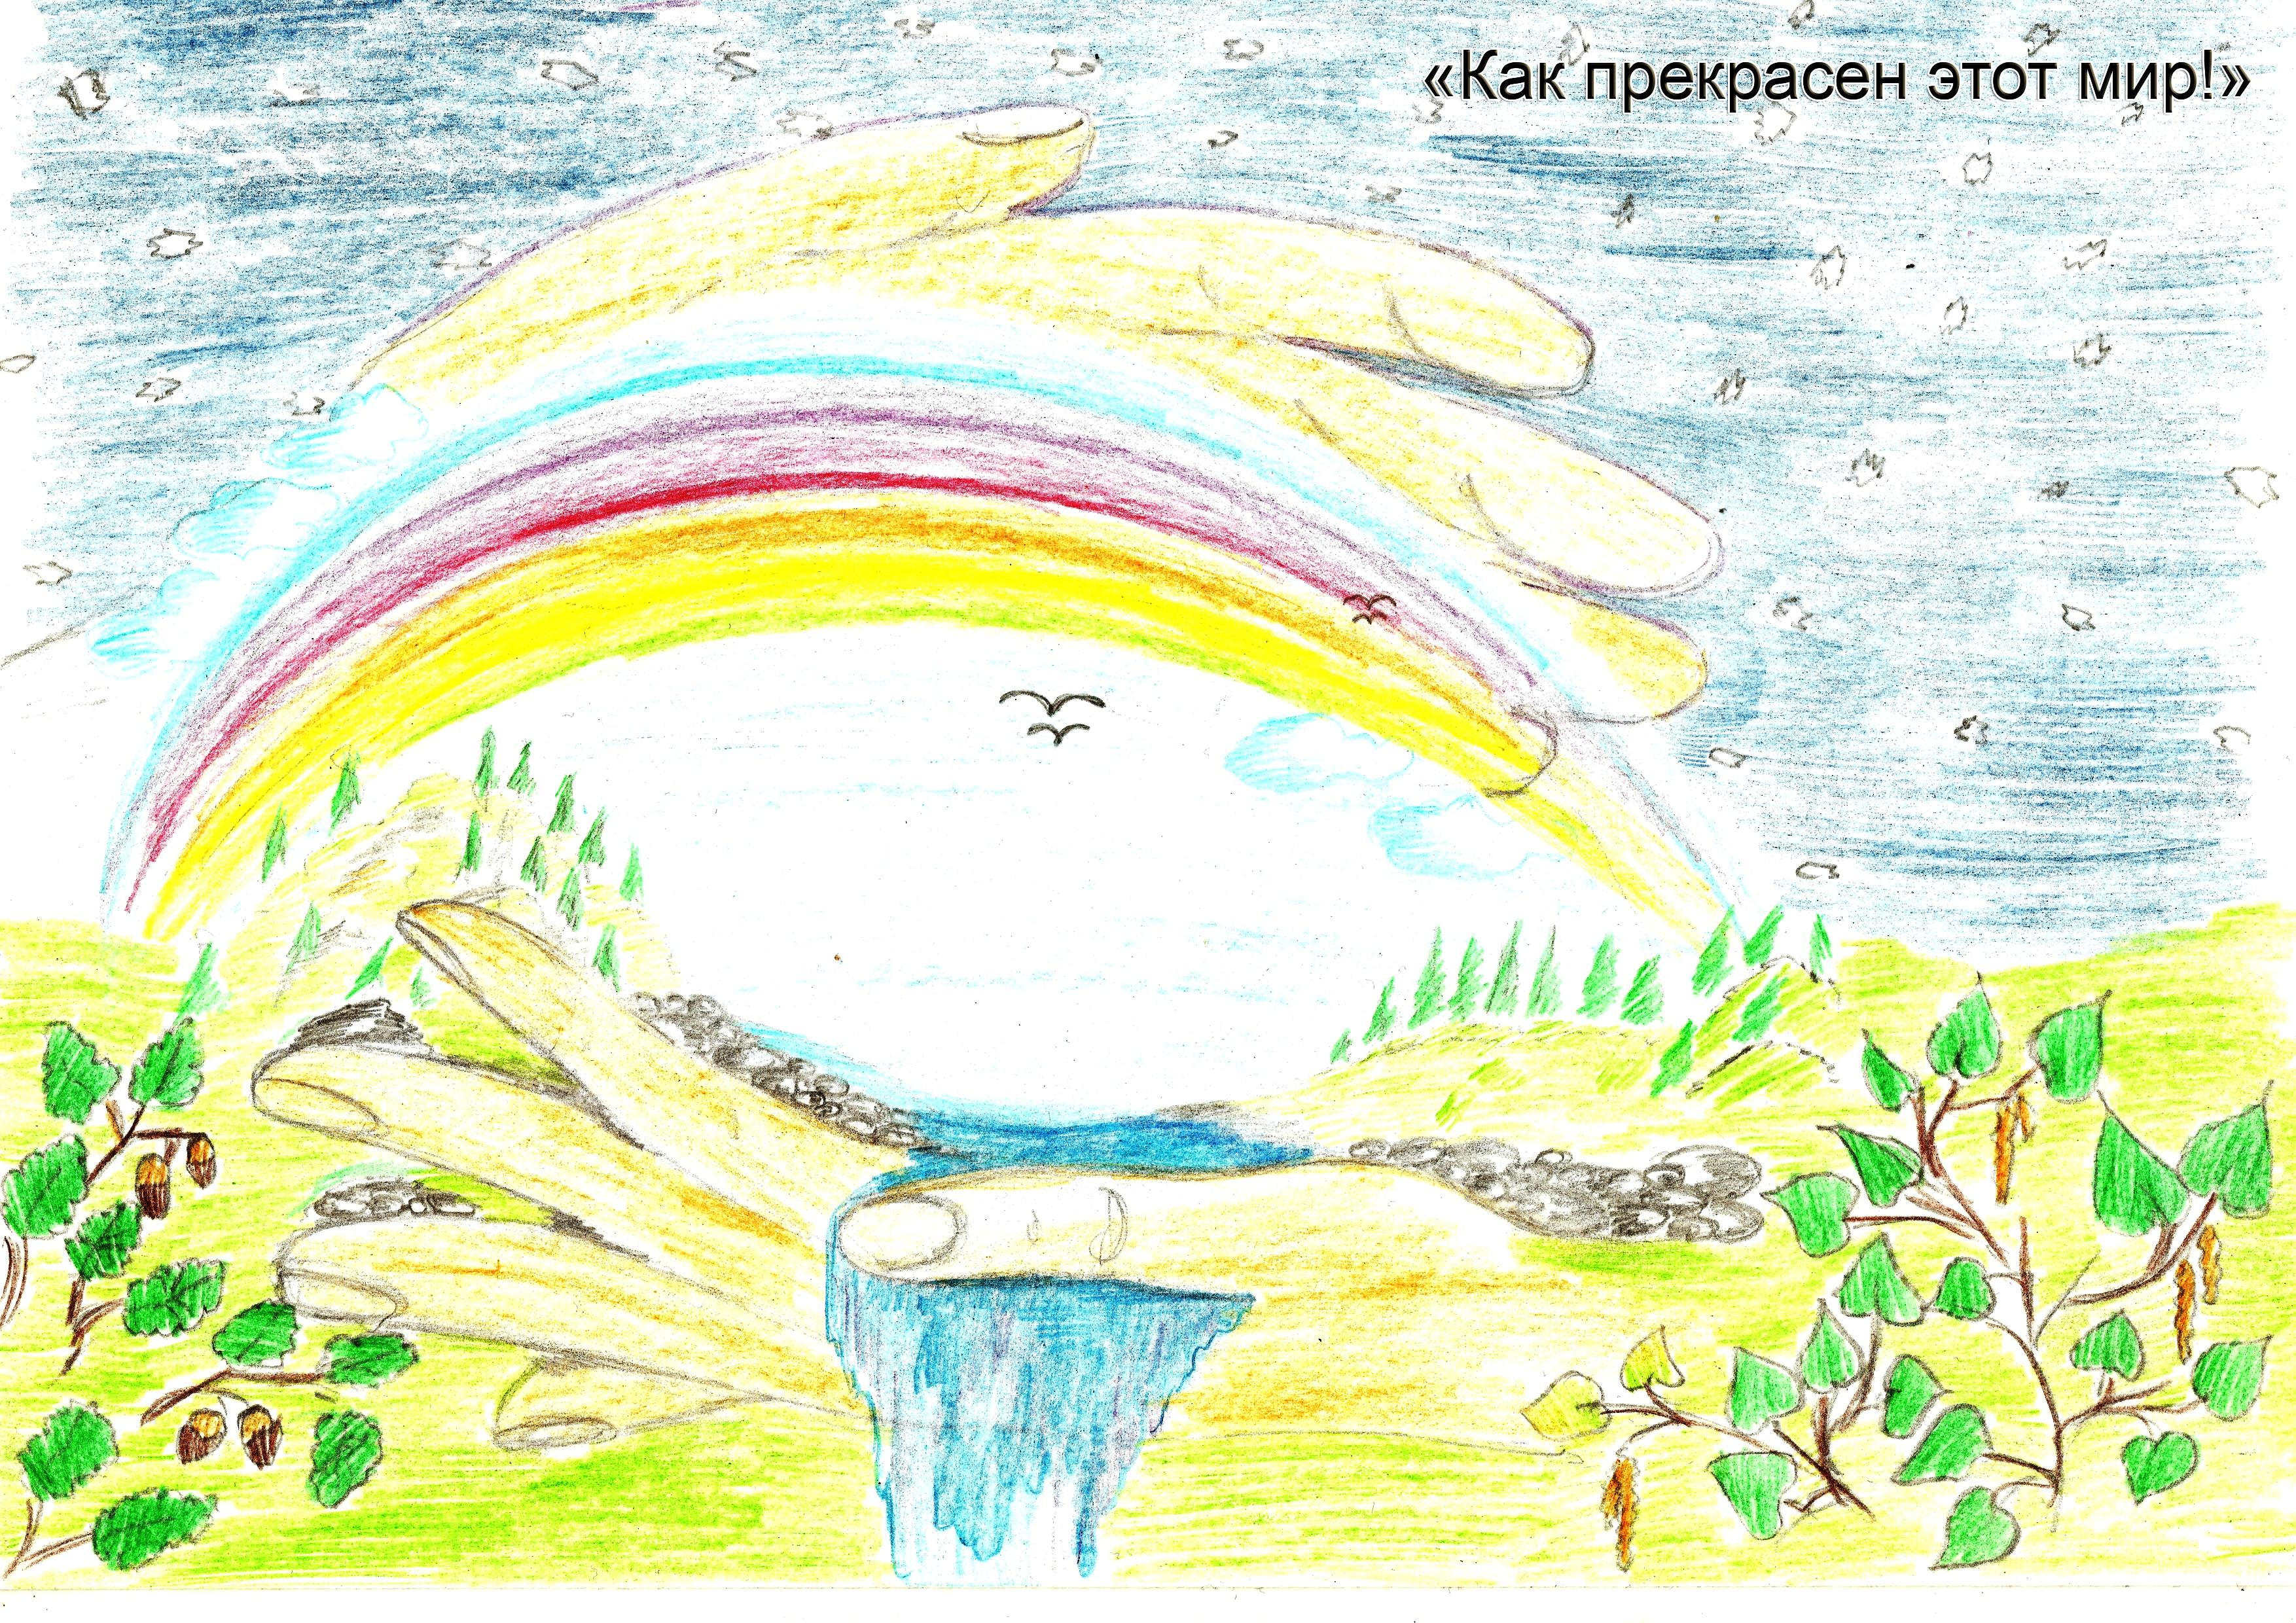 Плакат. Смолякова Екатерина